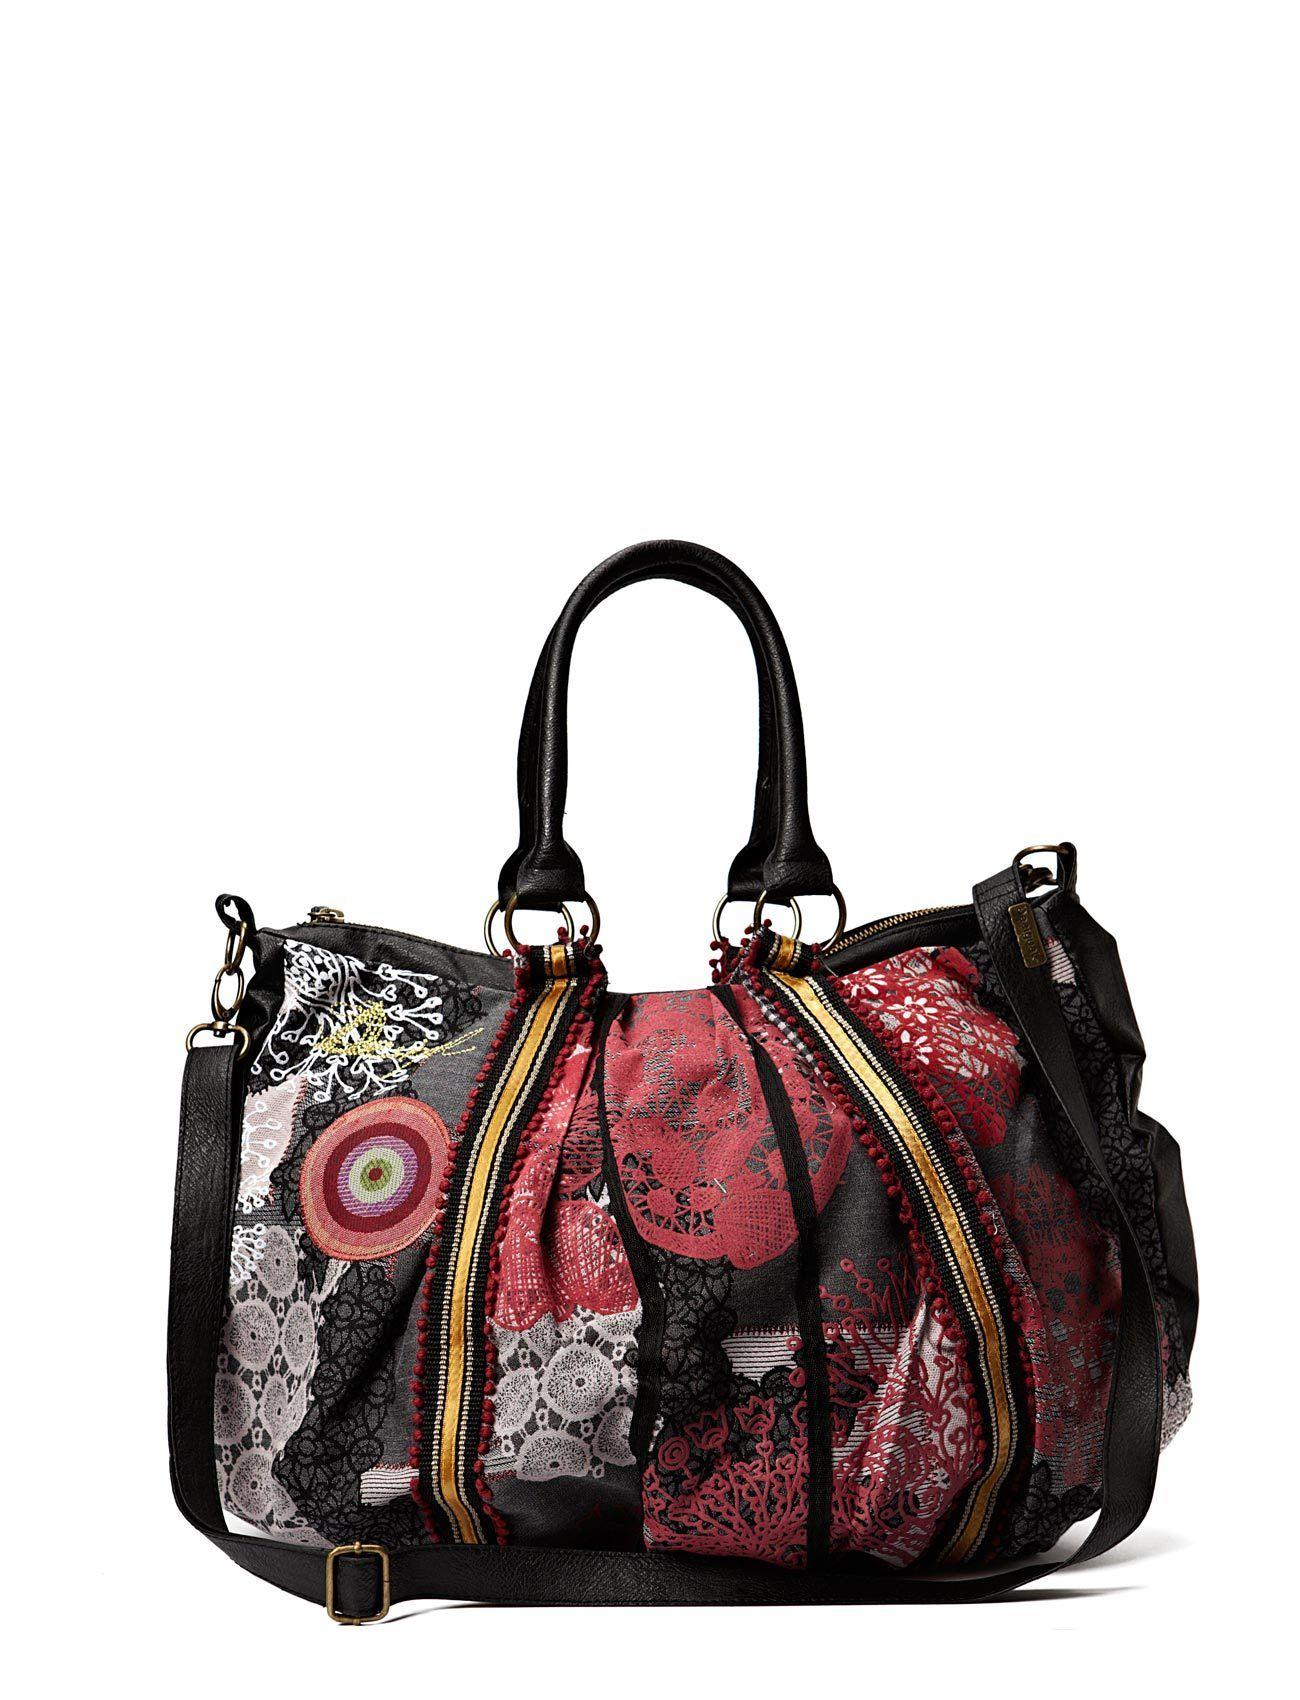 am besten billig wähle das Neueste Für Original auswählen New styles every day – shop now   Bags !!   Bags, Fashion ...